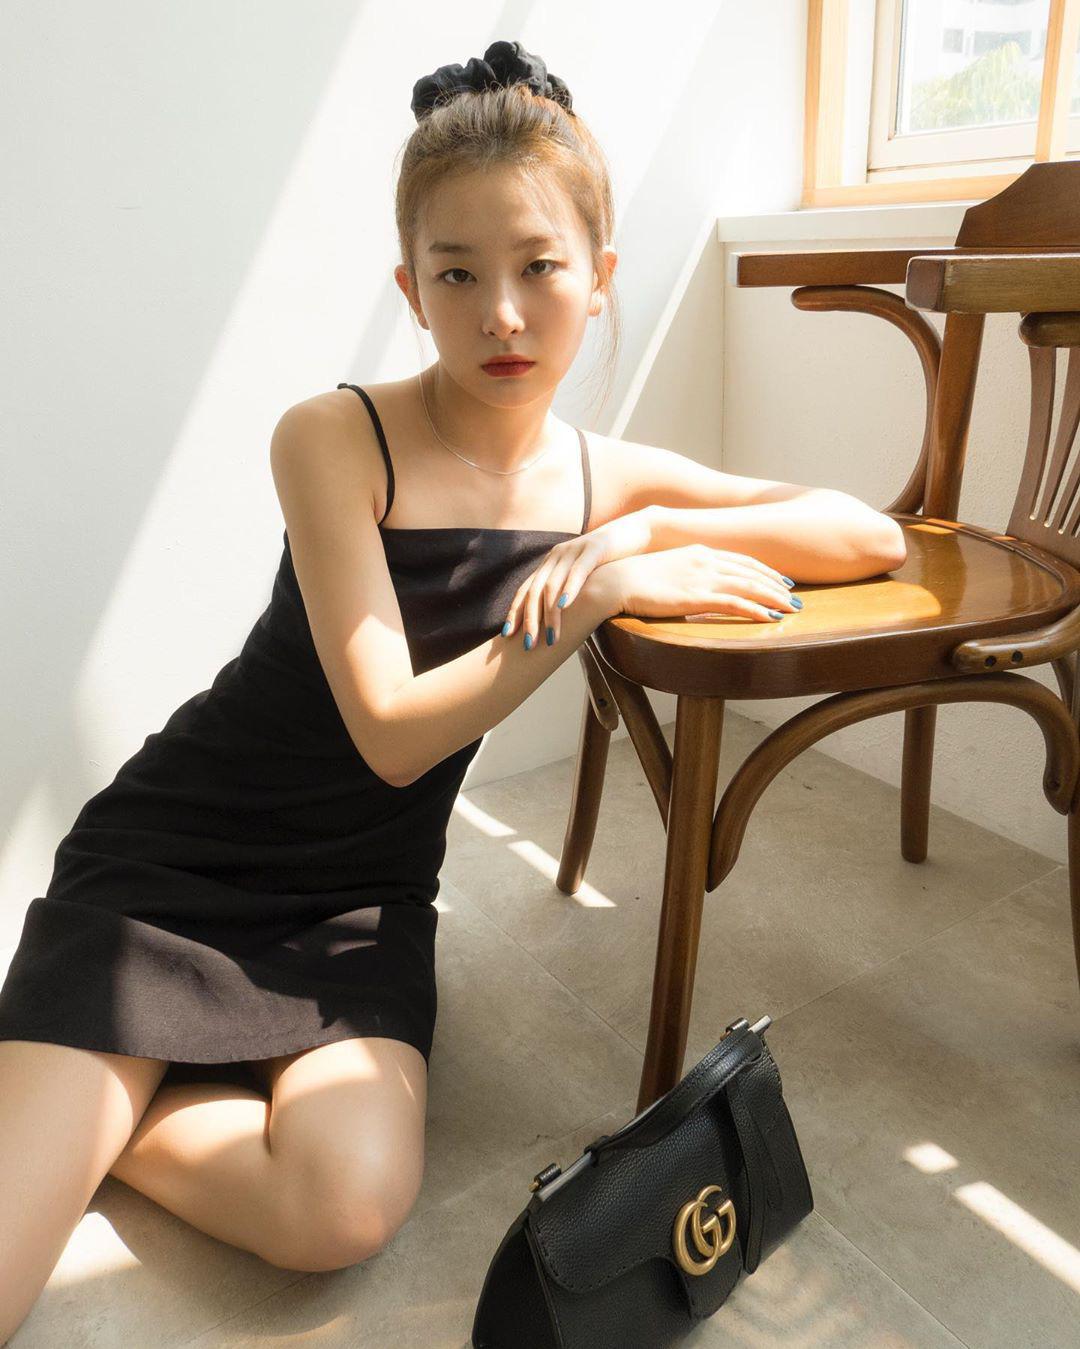 Hội idol từ Hàn đến Việt đều sexy hết nút nhờ váy hai dây, có kén dáng khó nhằn thì dân tình vẫn muốn đu theo - Ảnh 2.